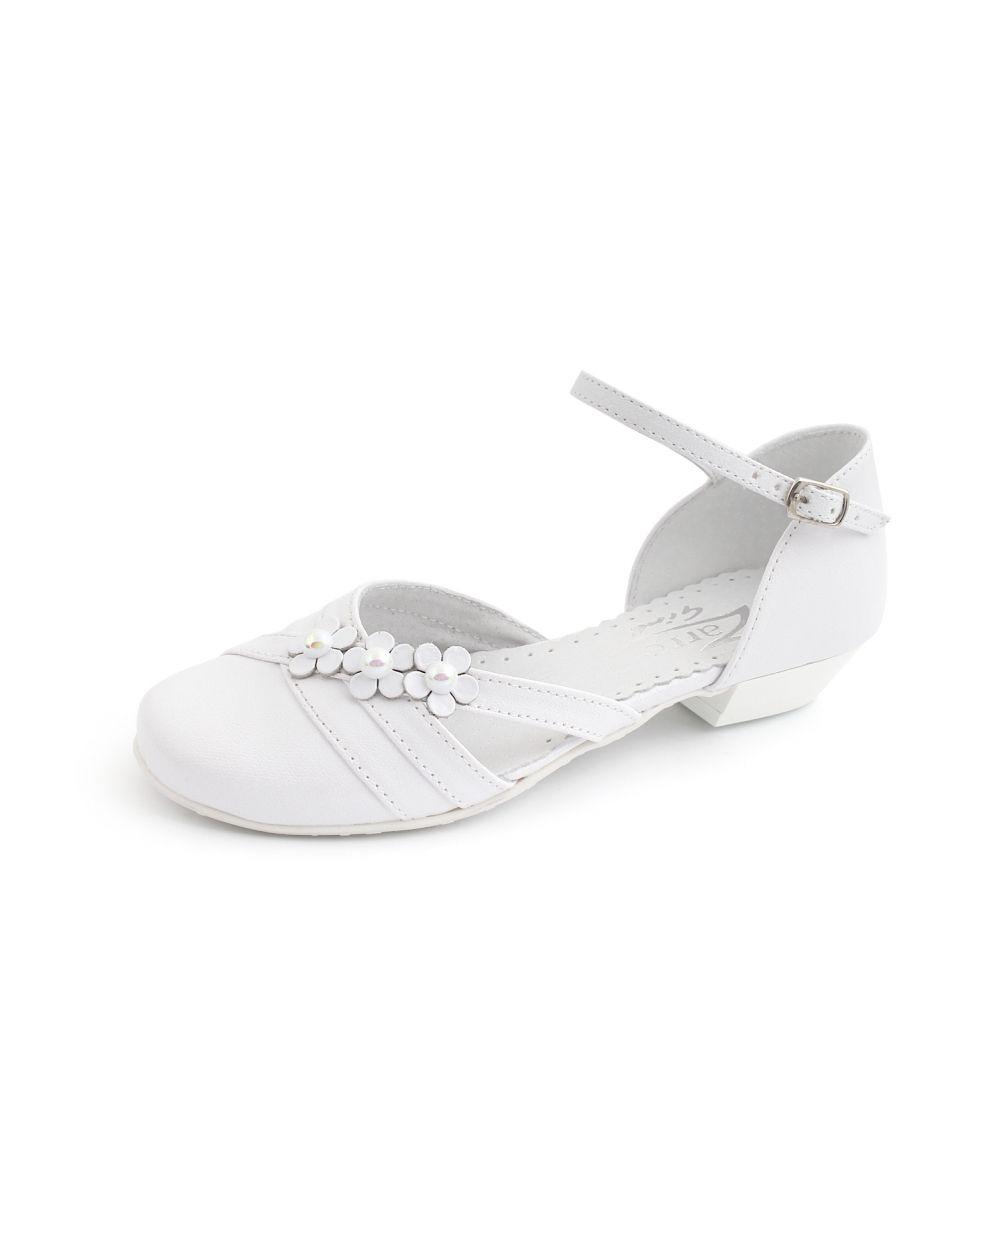 Biale Buty Komunijne Dla Dziewczynki Na Obcasie Heels Mule Shoe Shoes